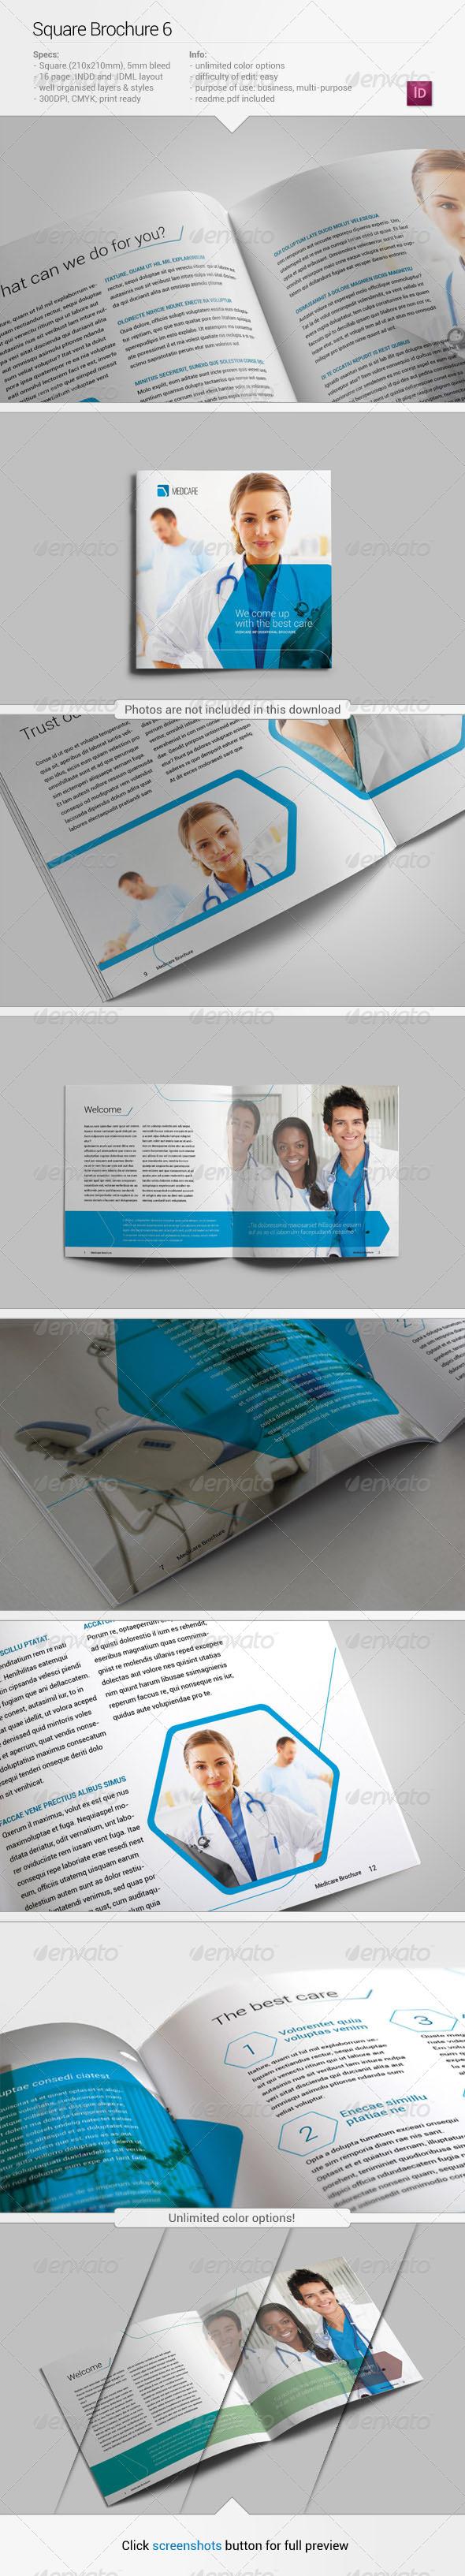 GraphicRiver Square Brochure 6 5421871